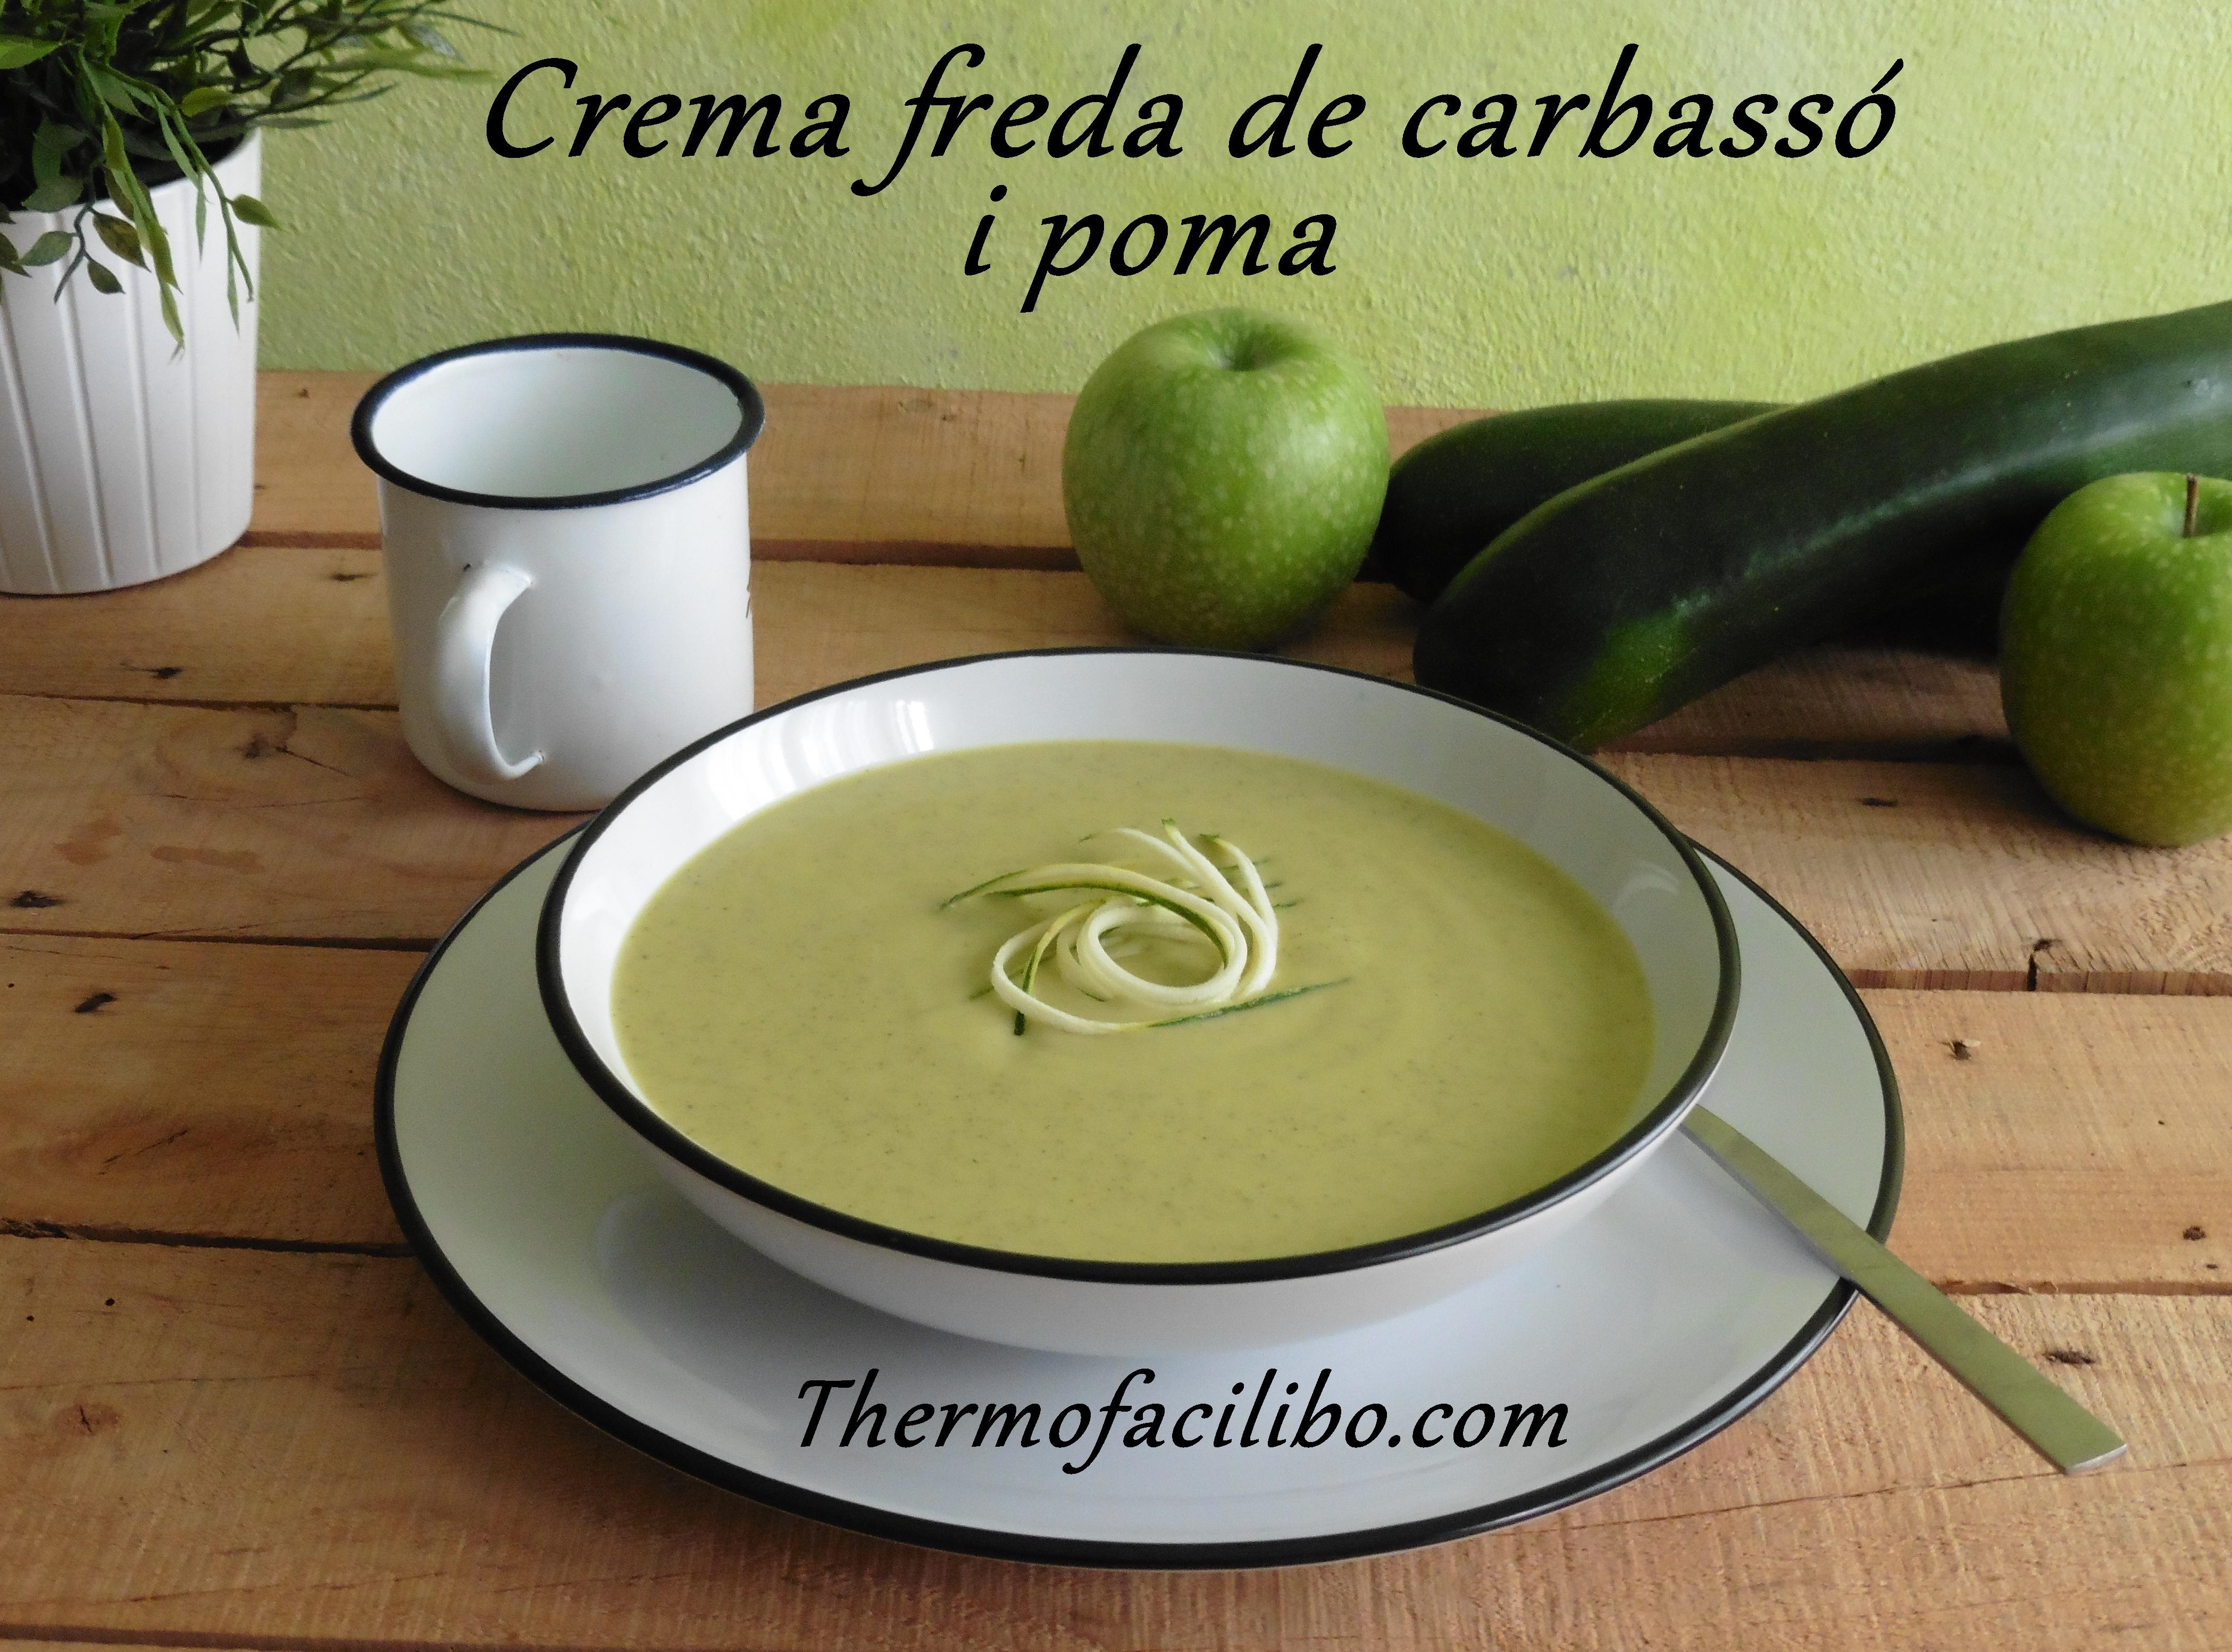 Crema freda de carbassó i poma.2